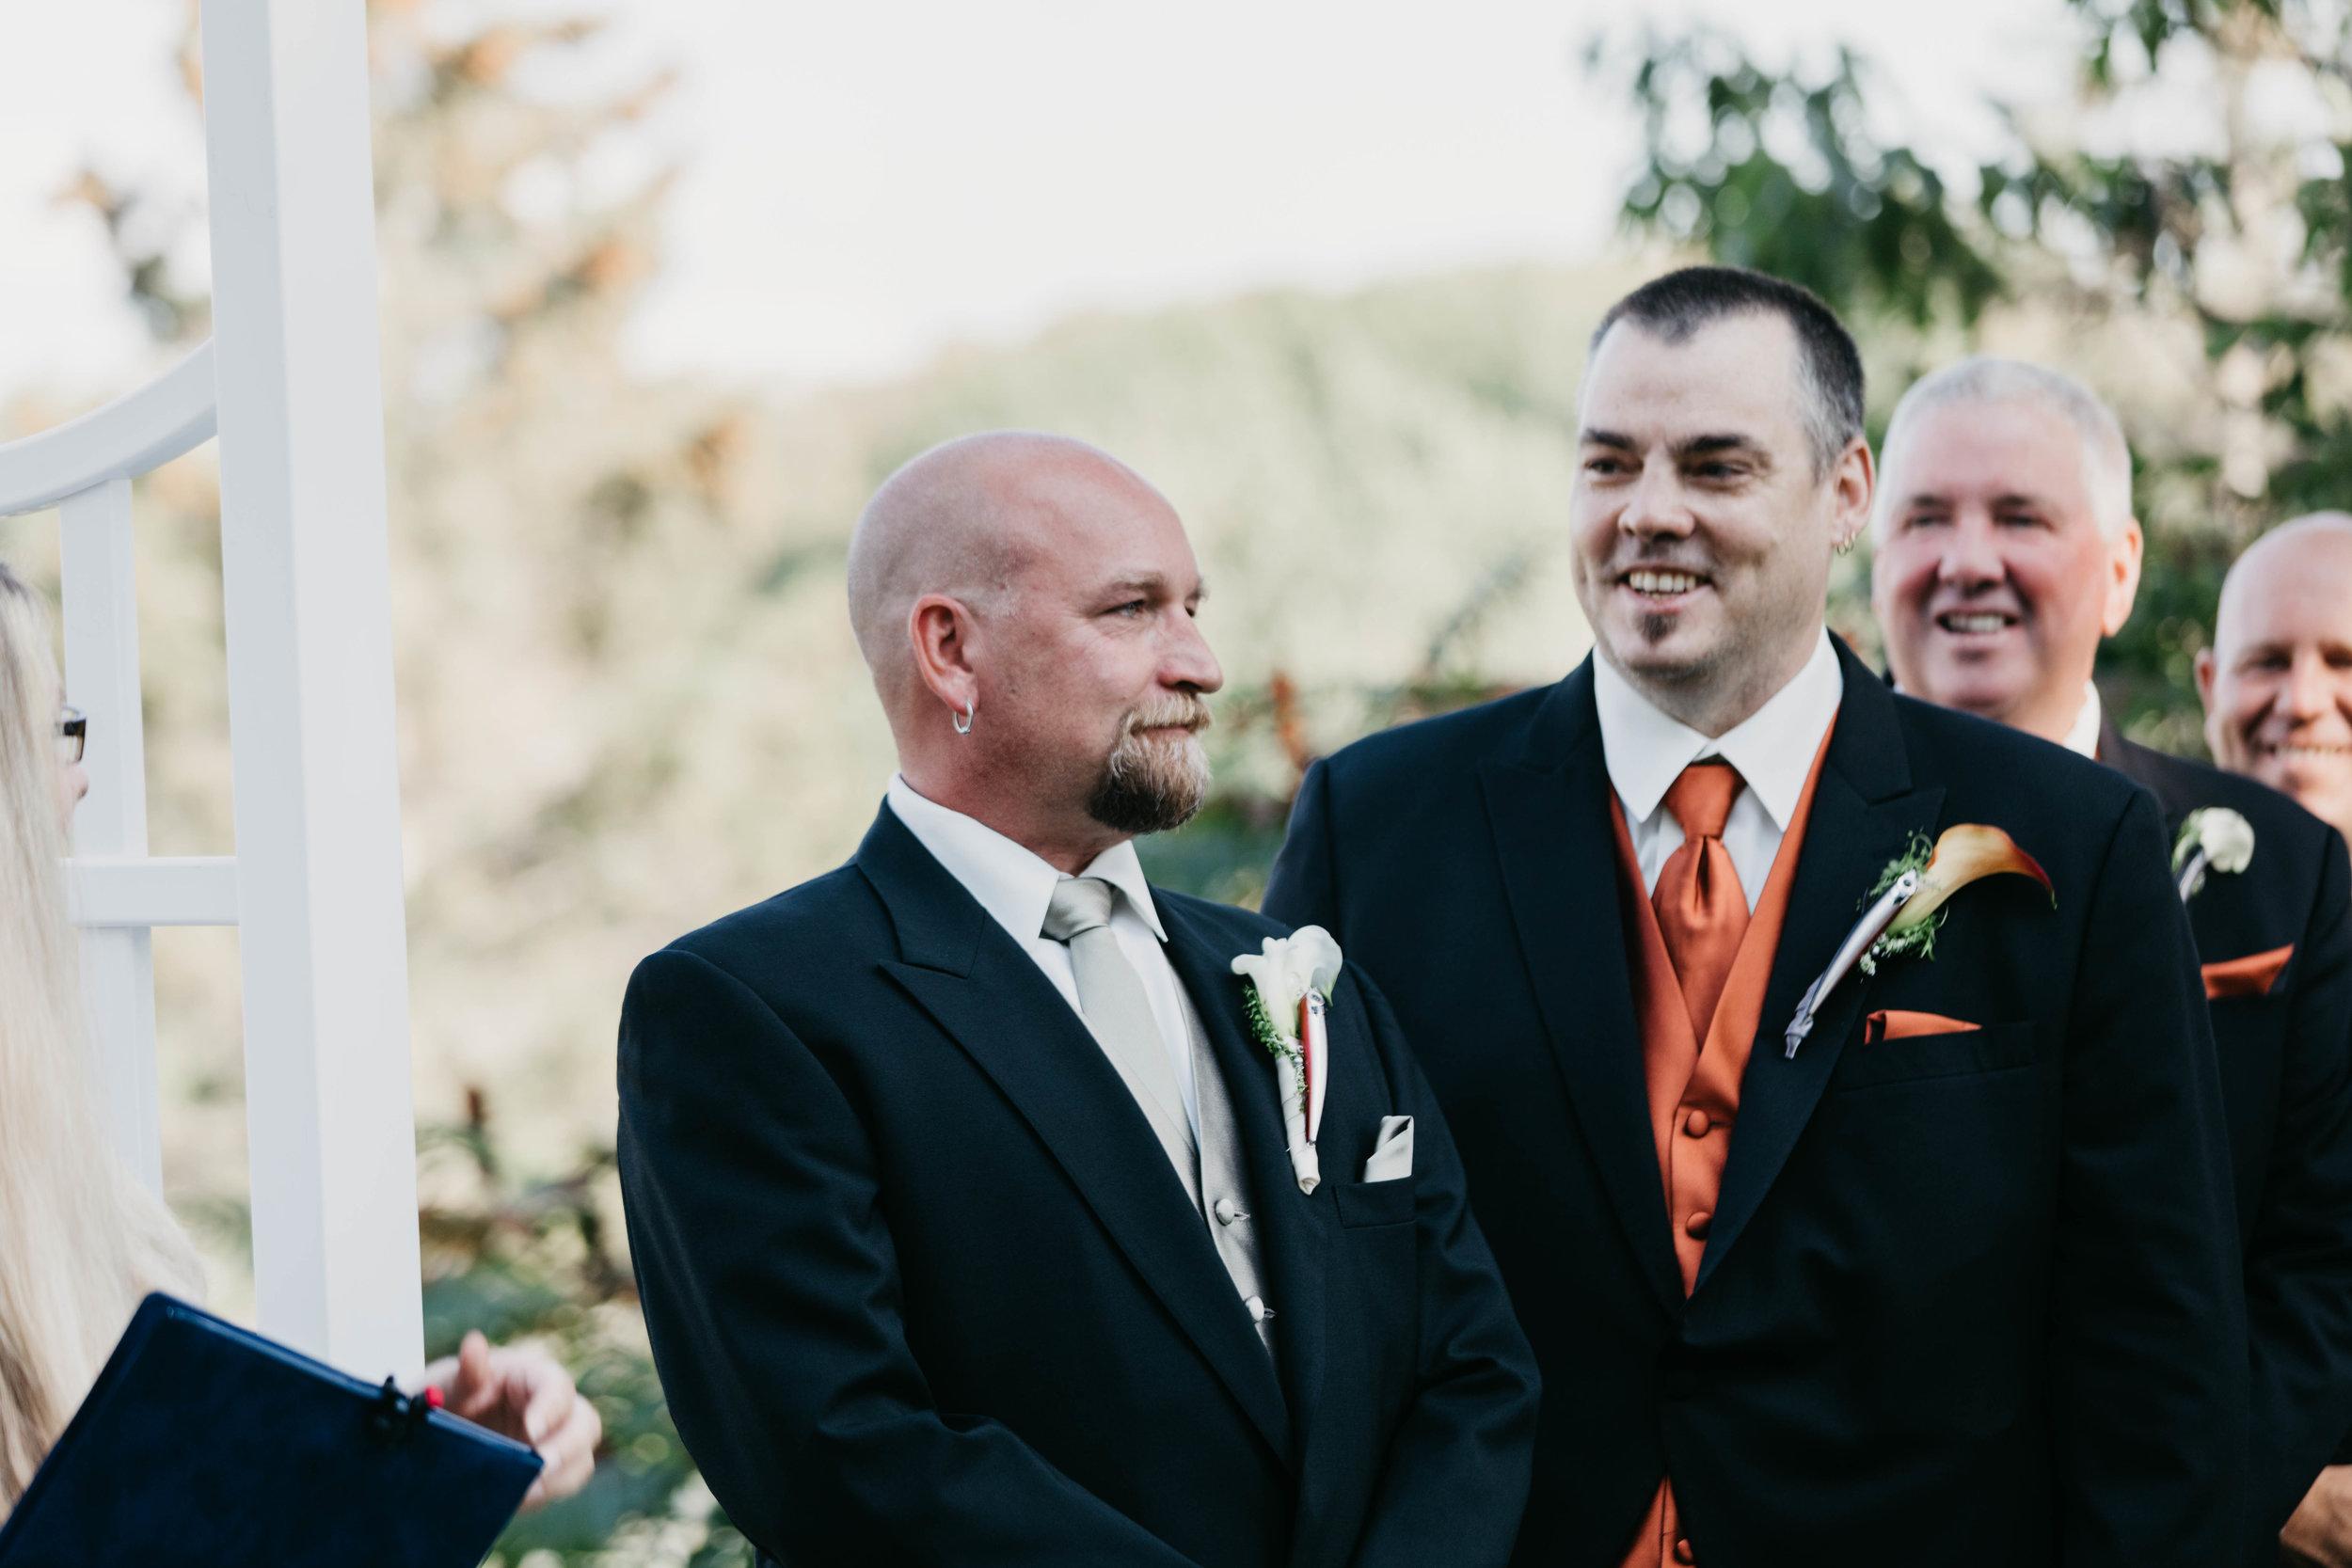 T&I_Ceremony_Wedding-403.jpg